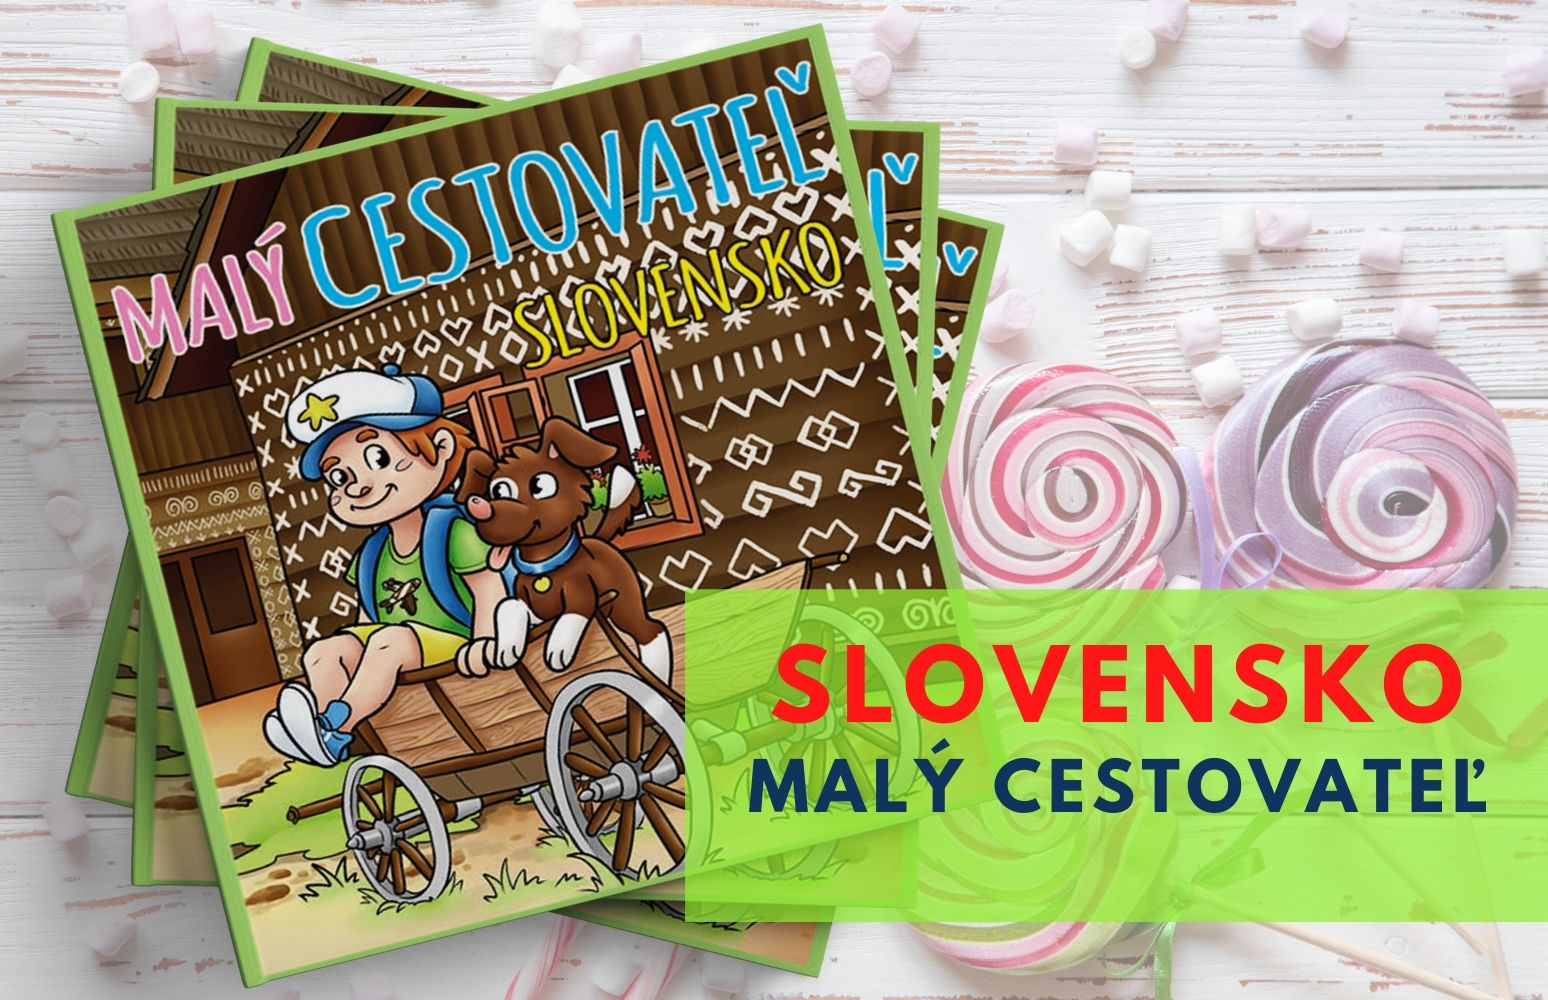 Kniha Malý cestovateľ Slovensko